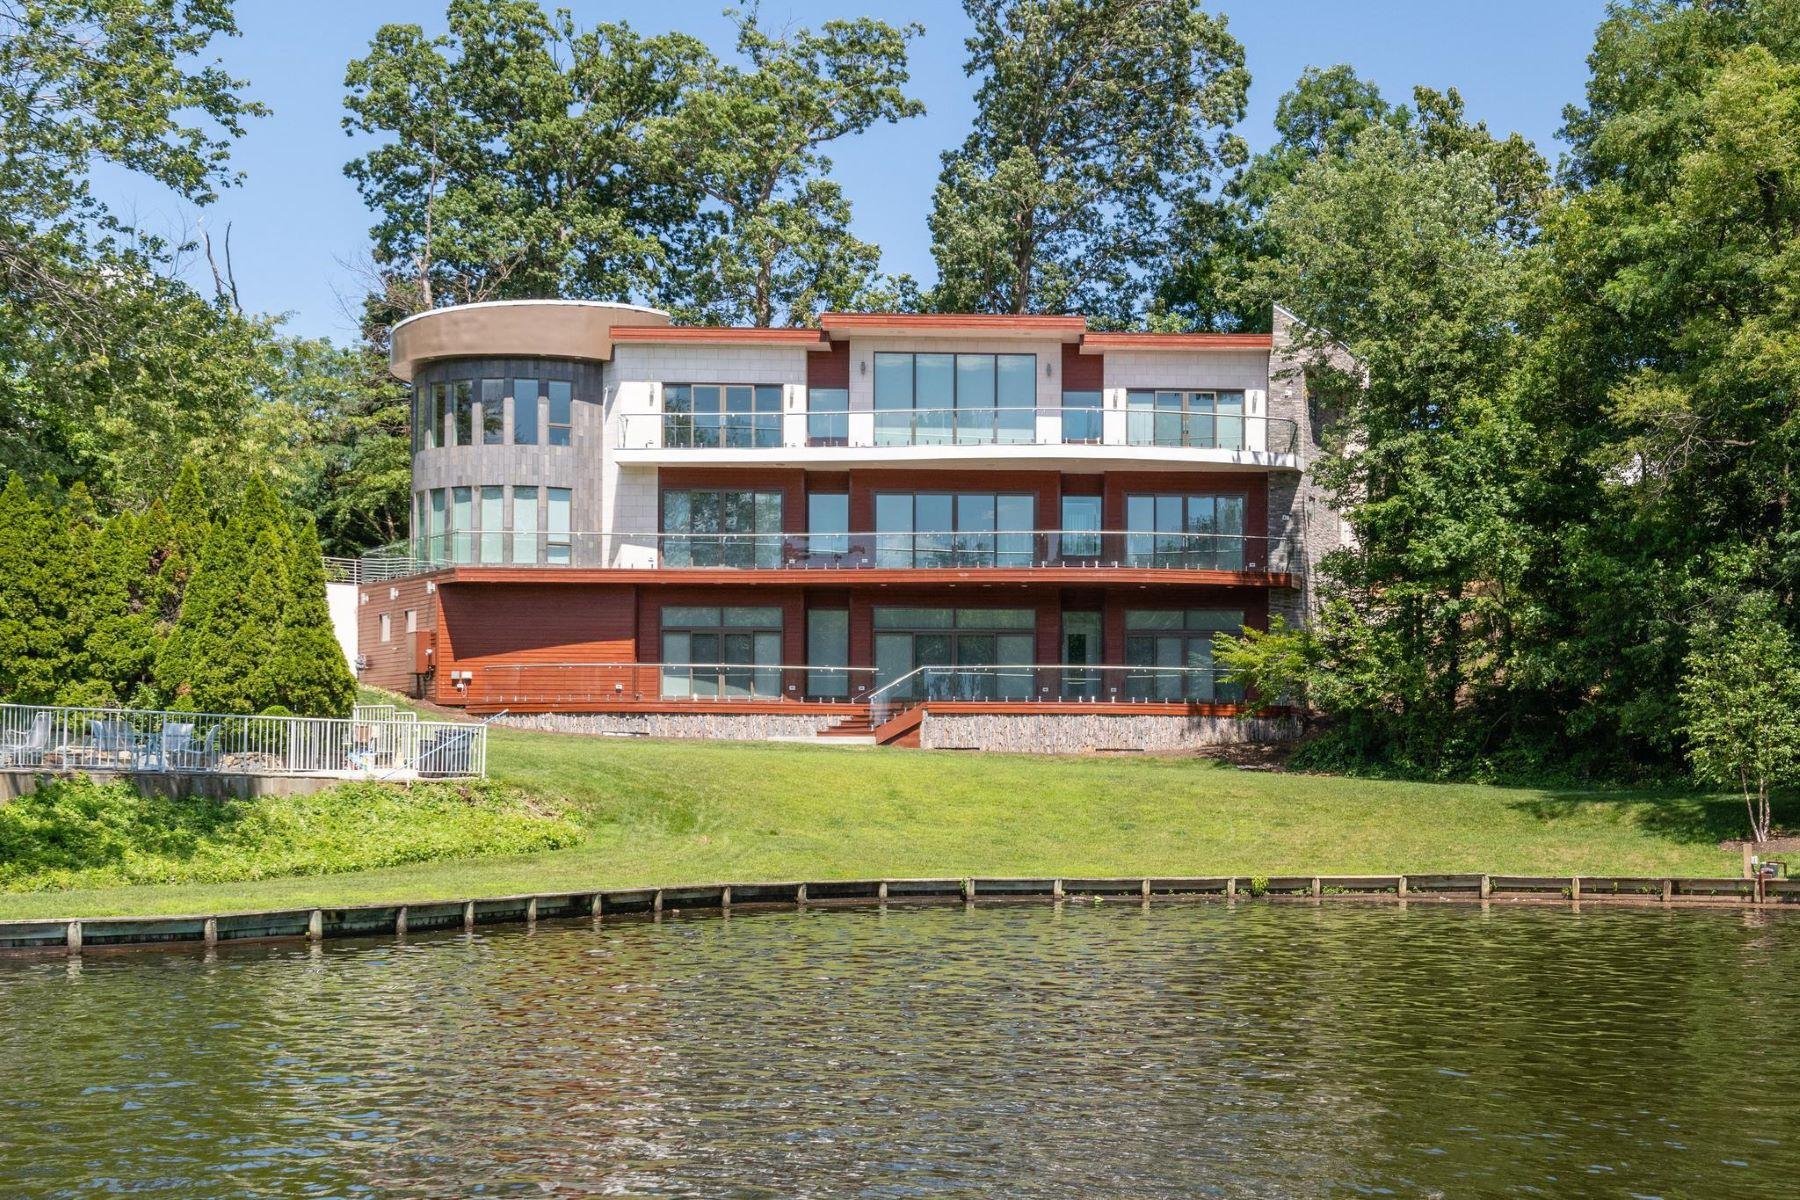 Single Family Homes для того Продажа на Falls Church, Виргиния 22041 Соединенные Штаты